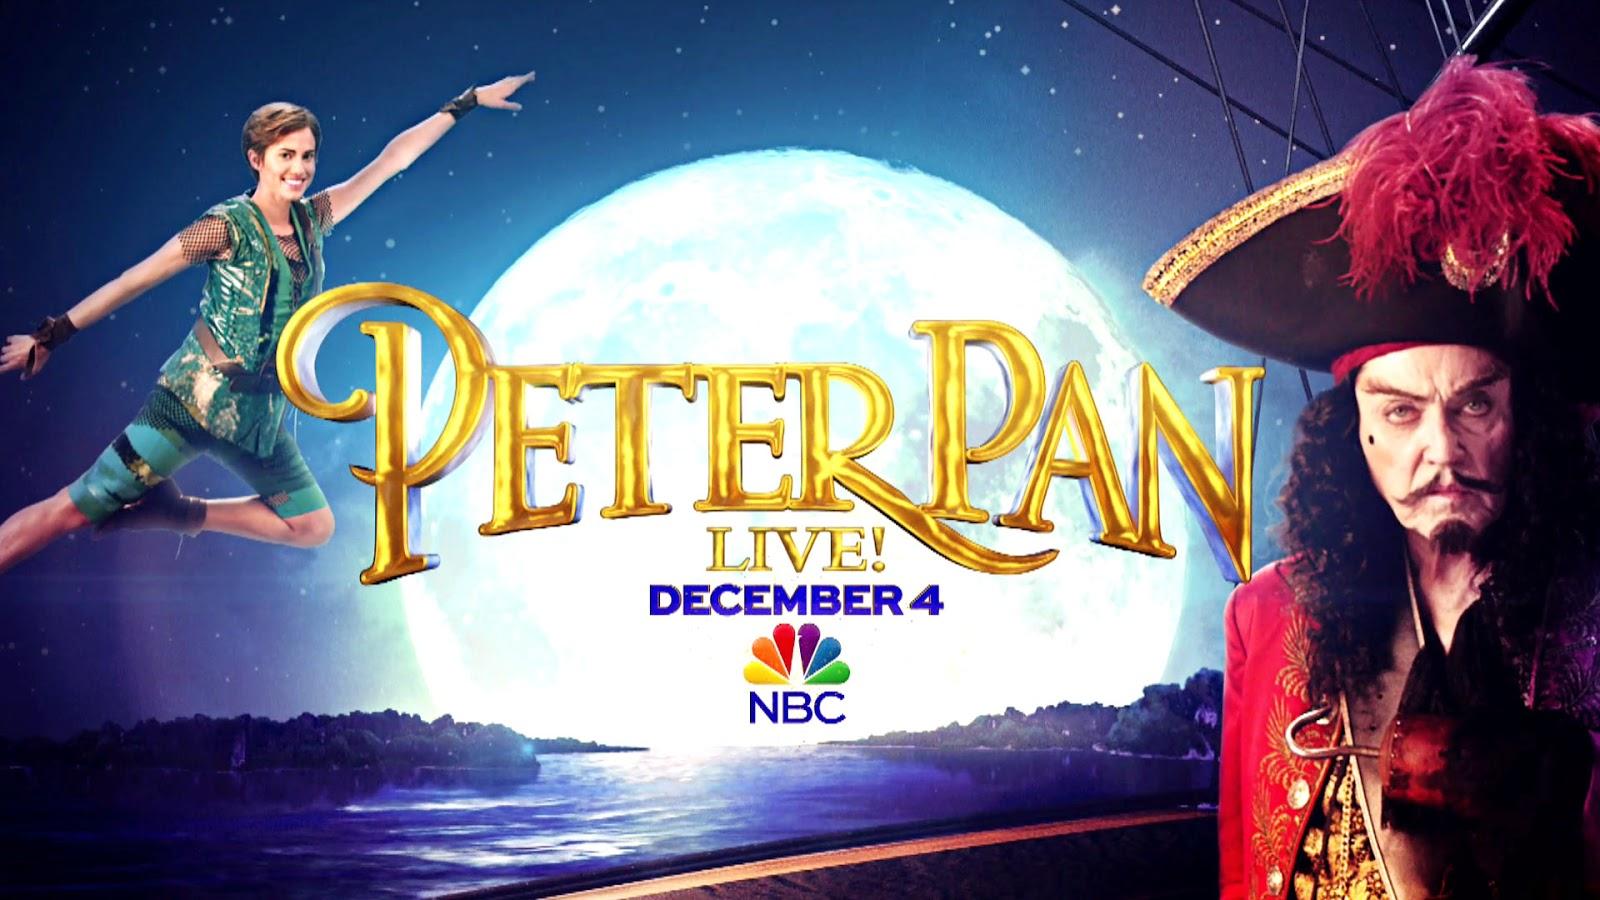 Peter Pan live ! poster